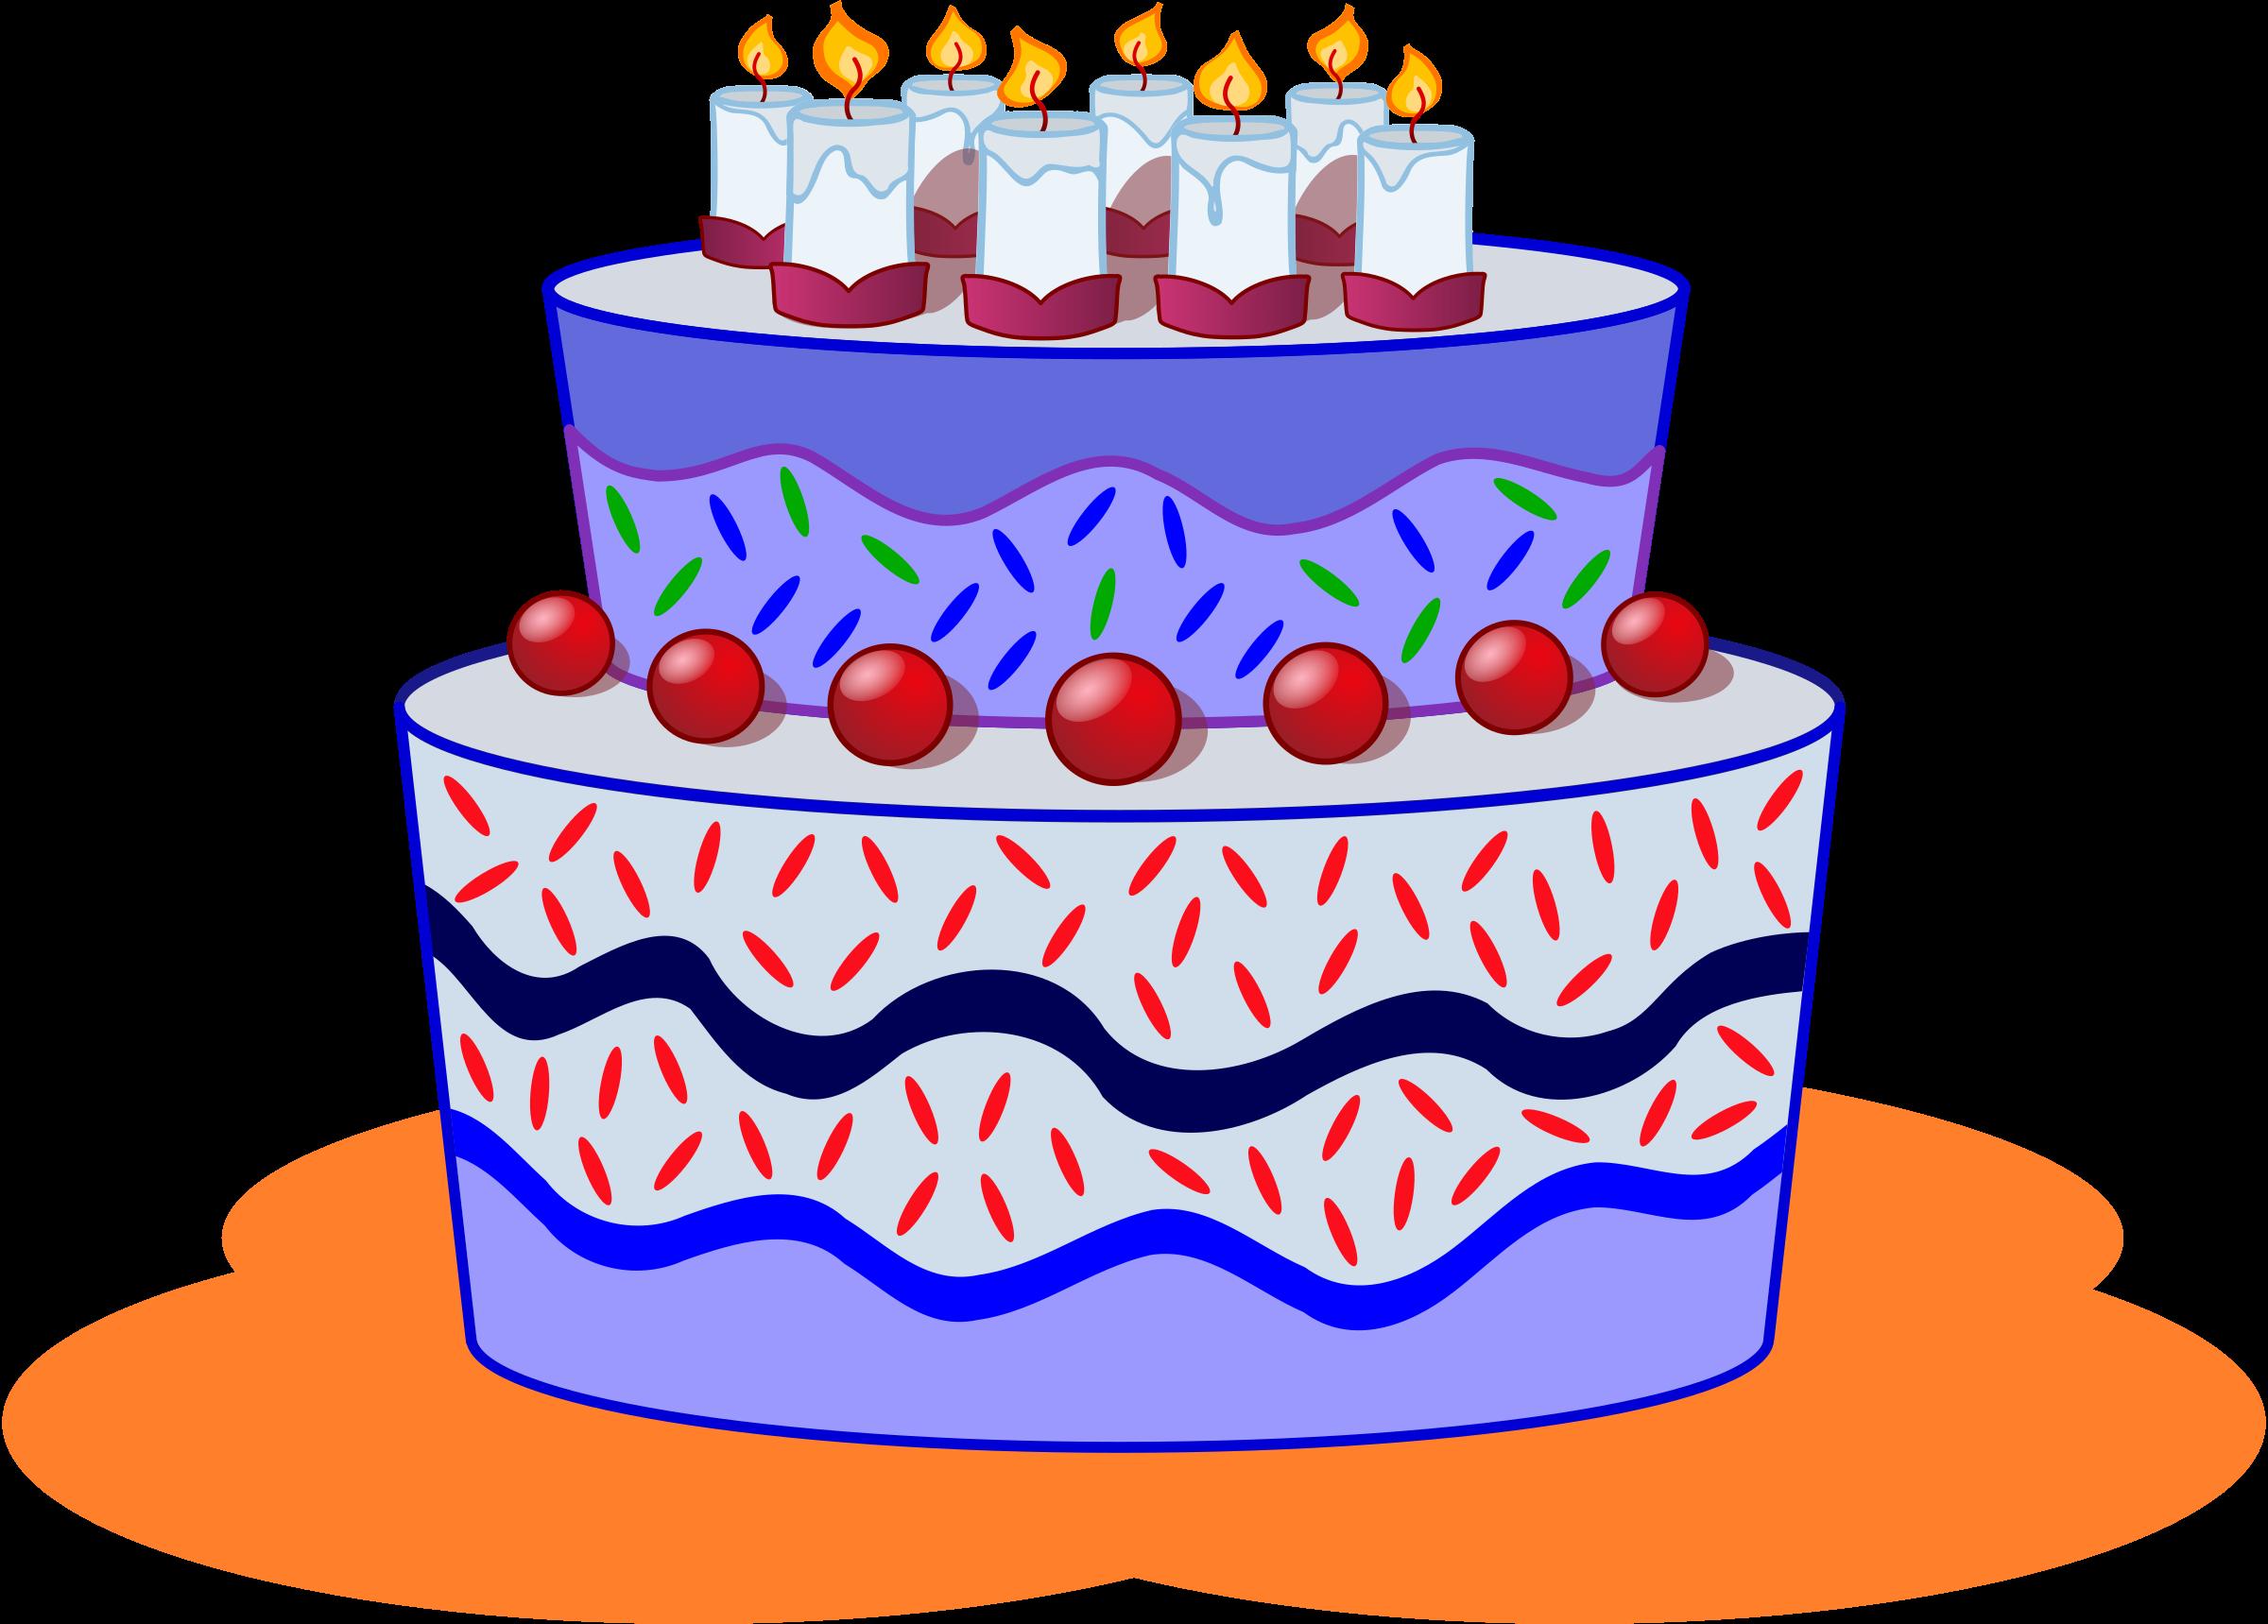 Clipart cake december.